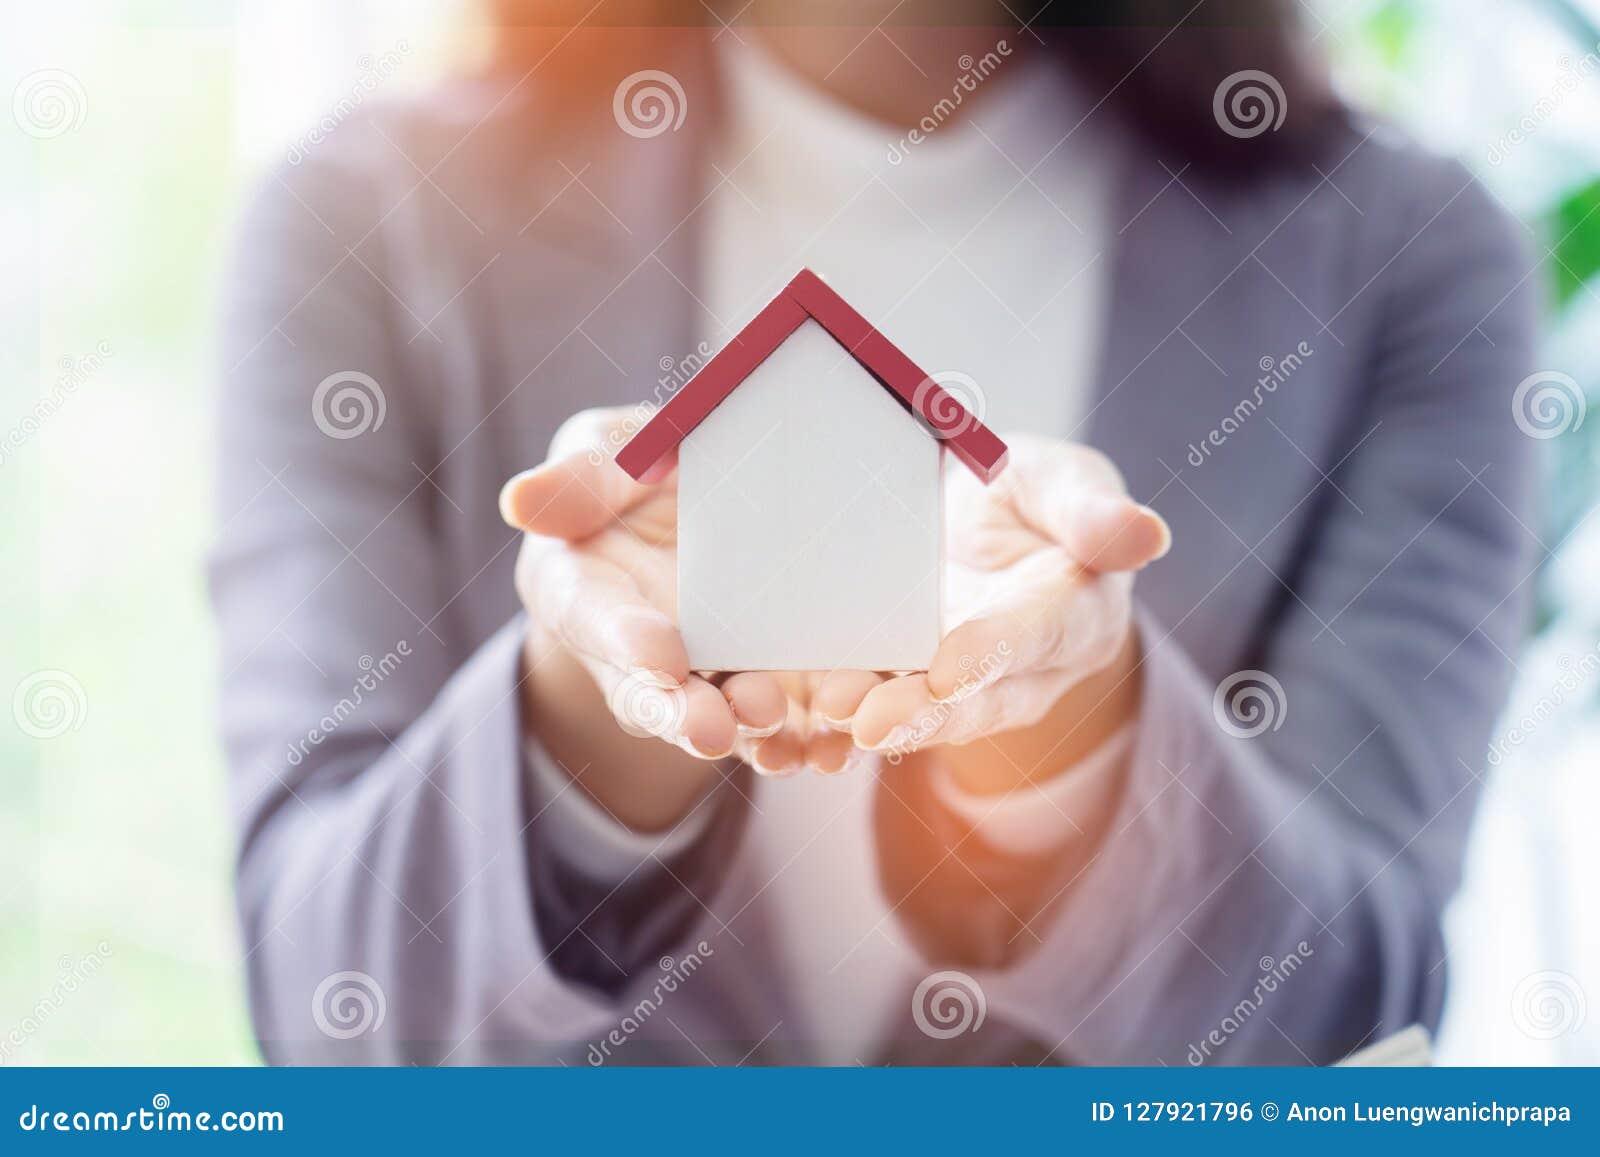 Architektur, Gebäude, Bau, Immobilien und Eigentum c